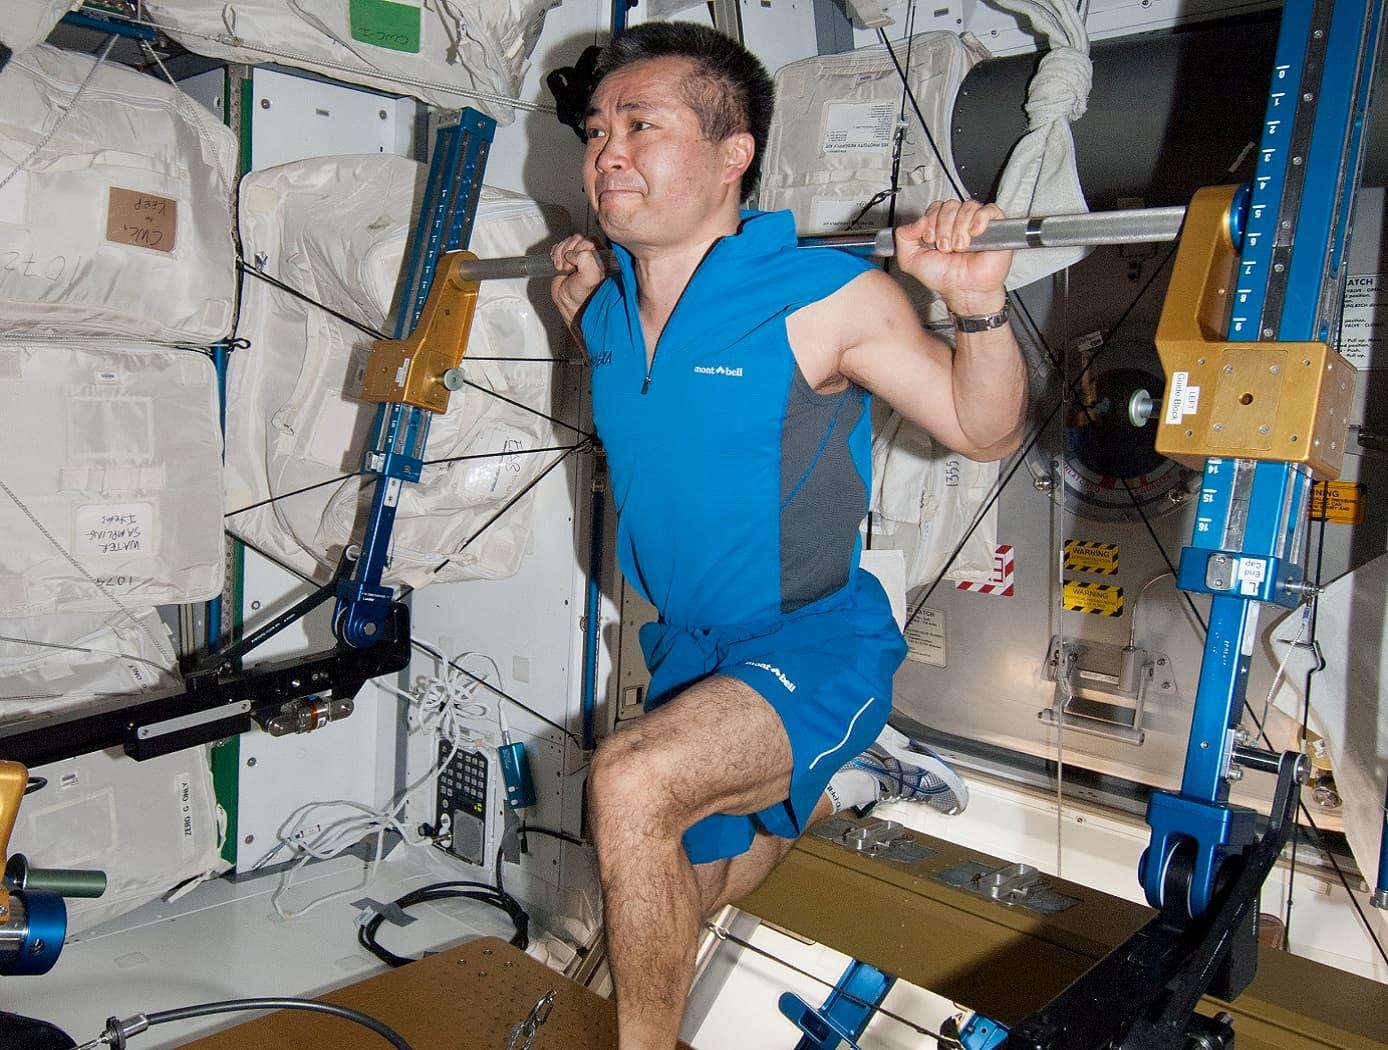 宇宙空間での筋力低下を防止する分子医学、寝たきり患者への応用も